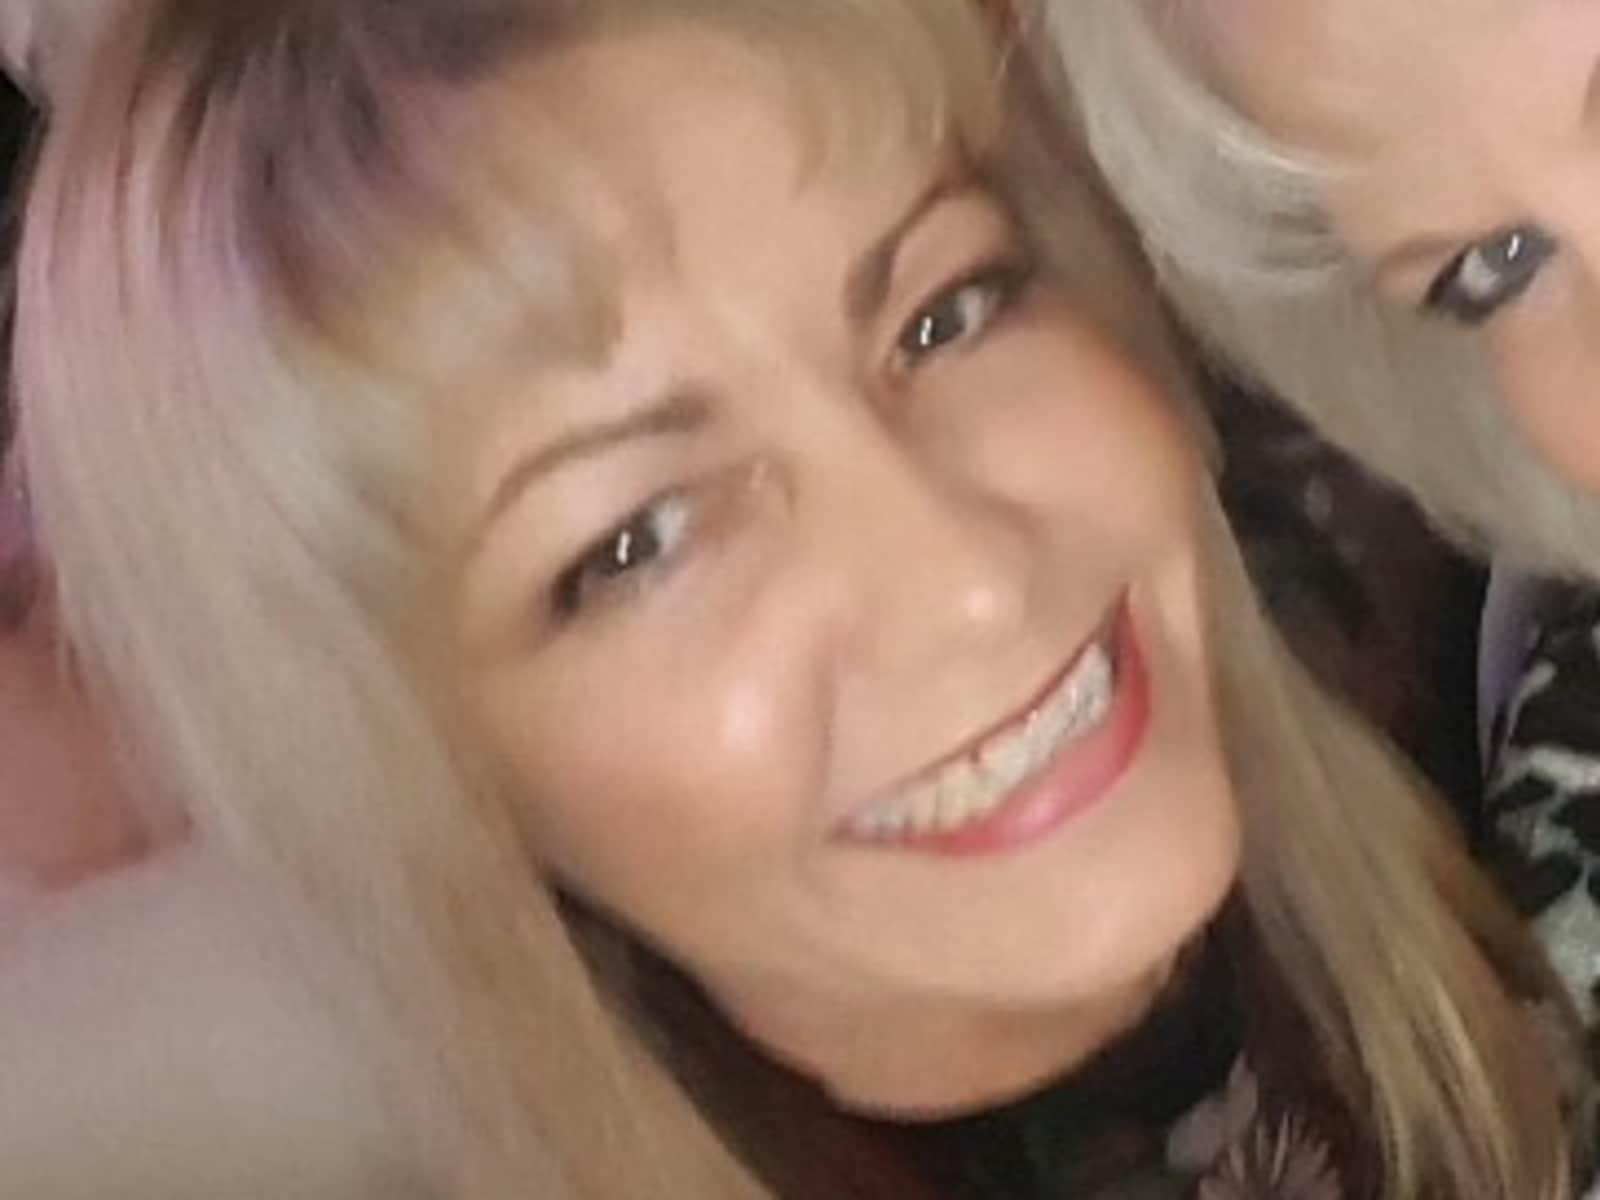 Michelle from Brisbane, Queensland, Australia